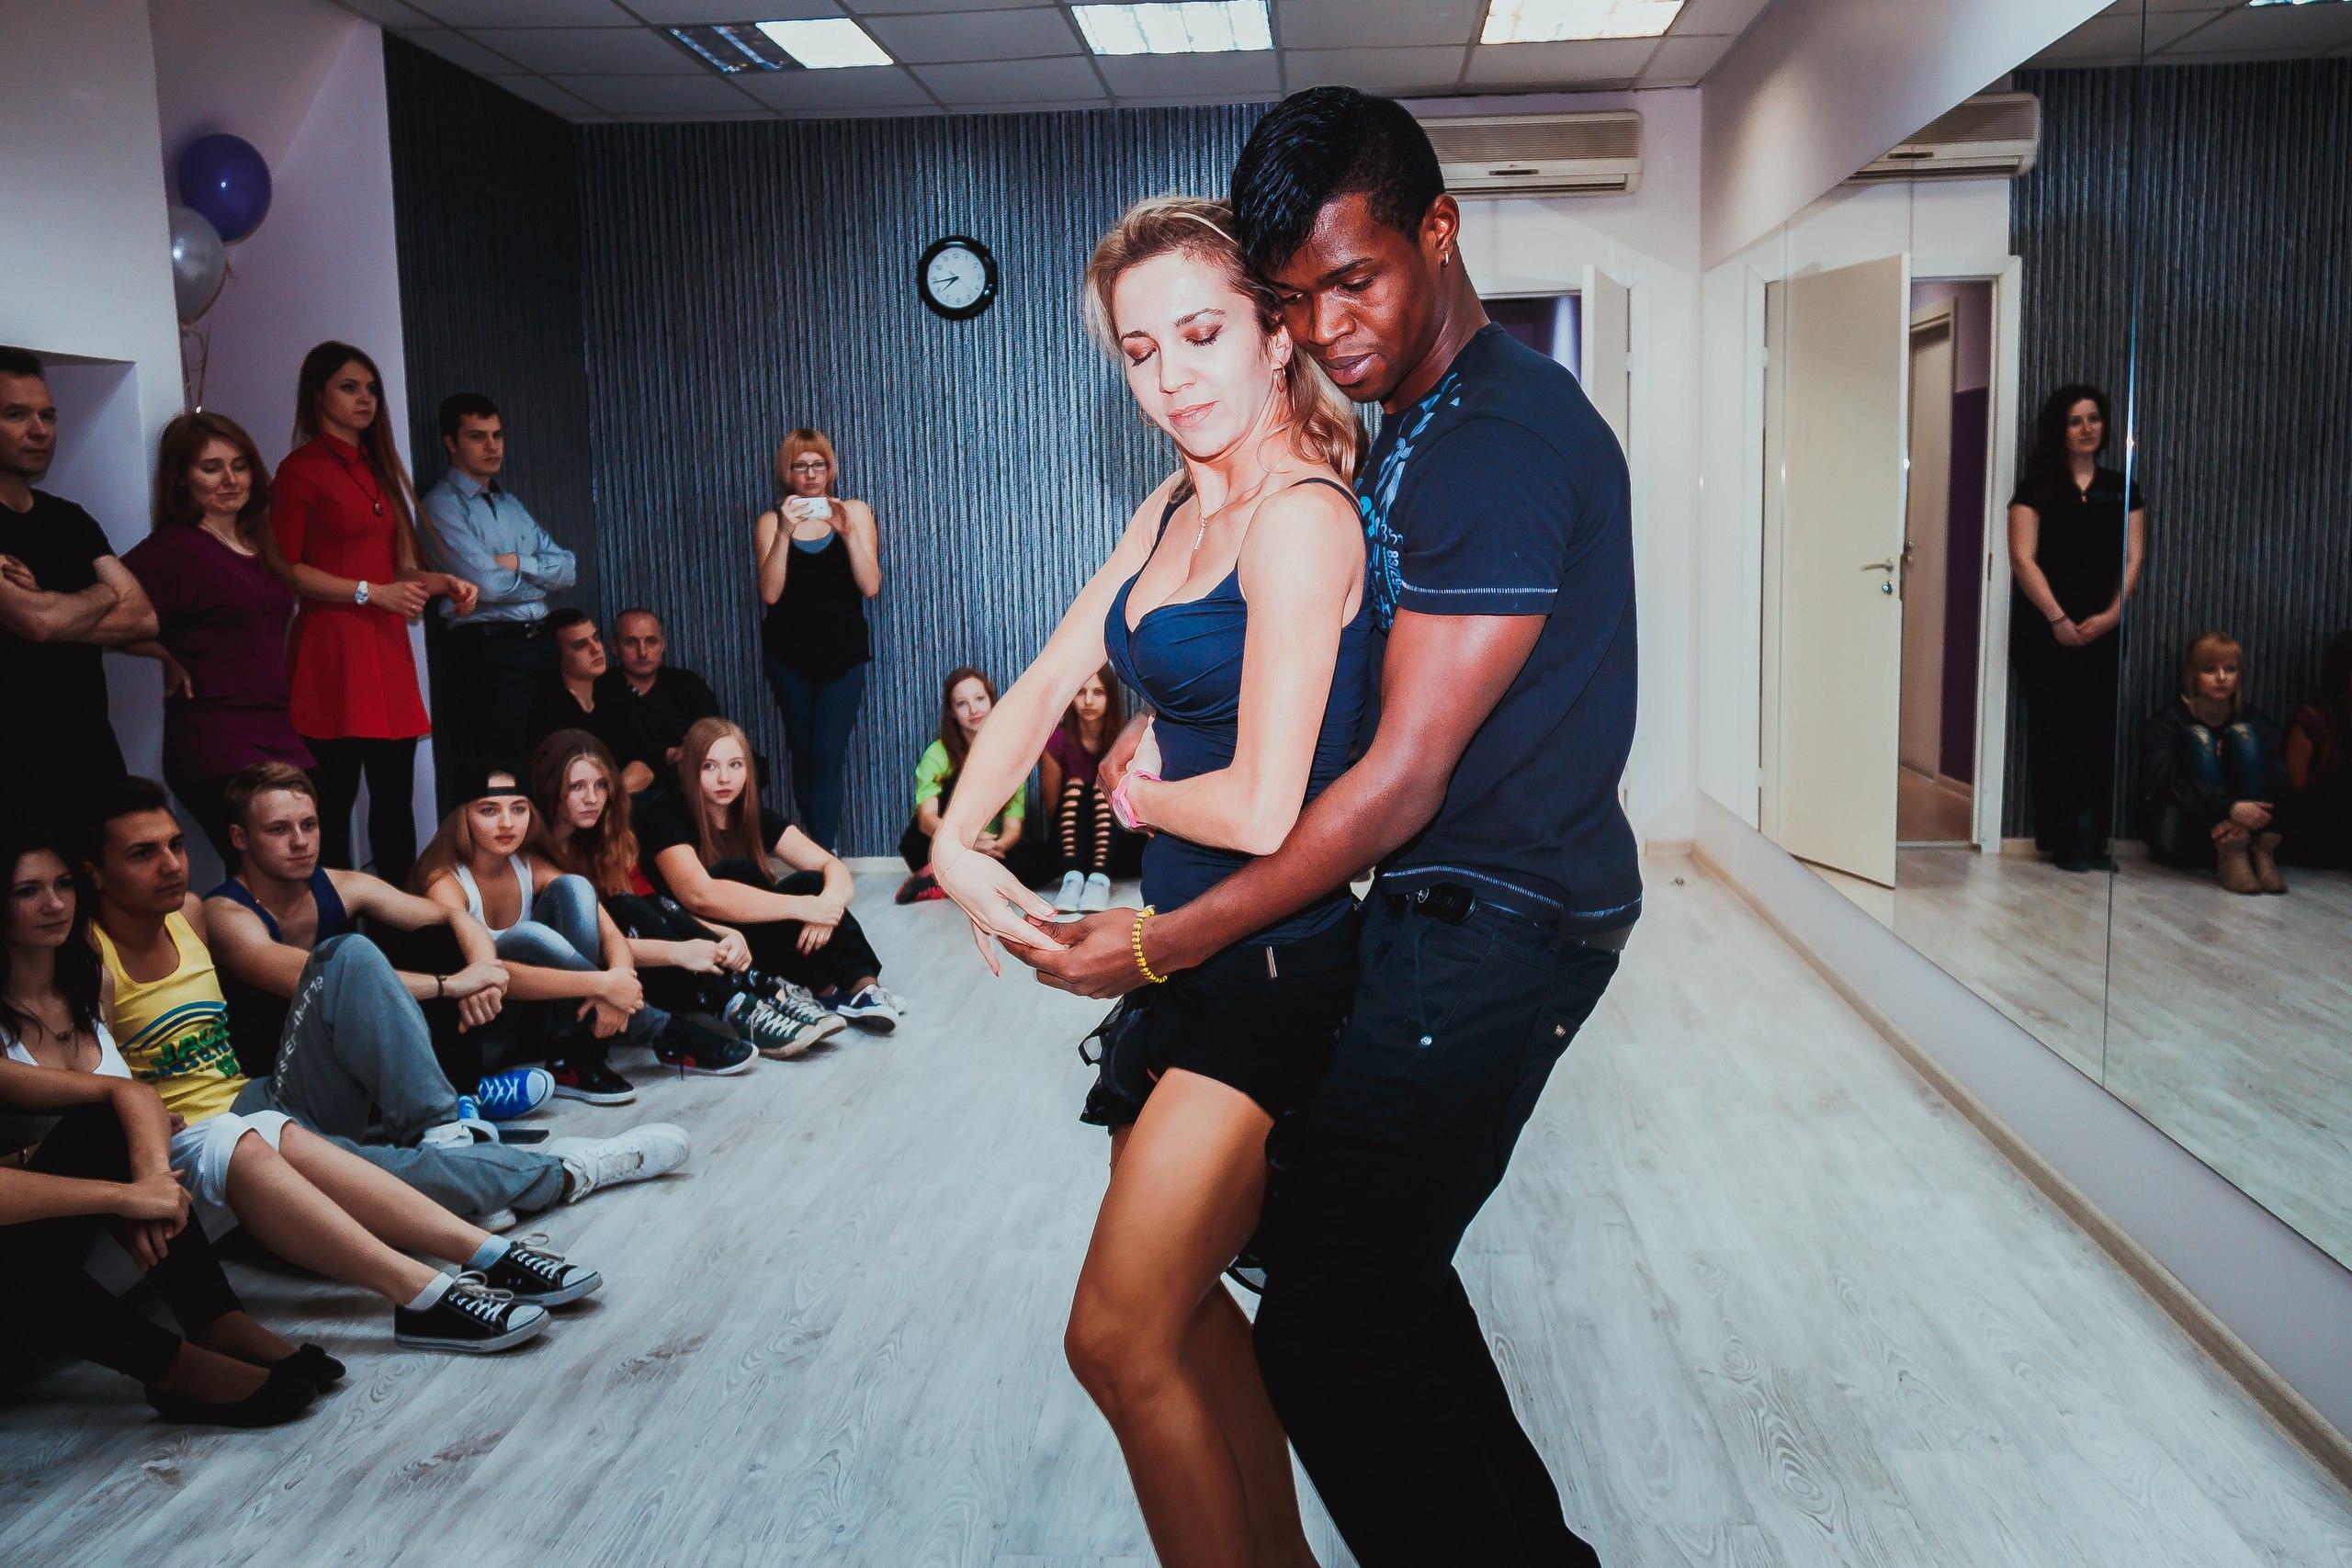 Бачата танцы в Трик Фэмили